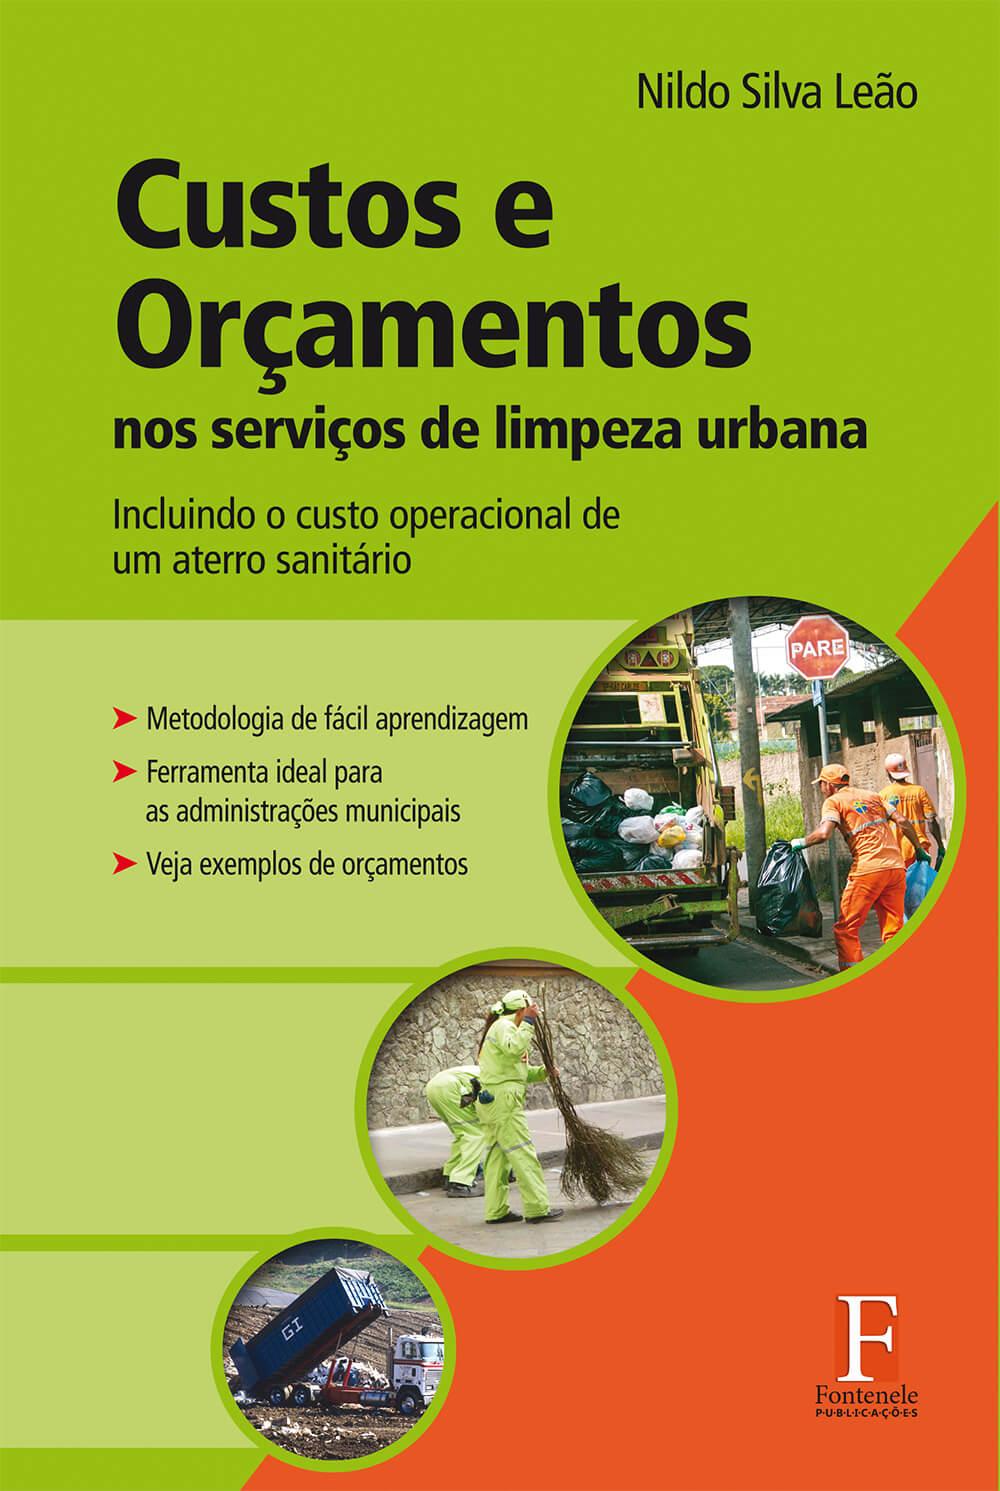 Fontenele Publicações / 11 95150-3481 / 11  95150-4383 Custos e Orçamentos nos serviços de limpeza urbana